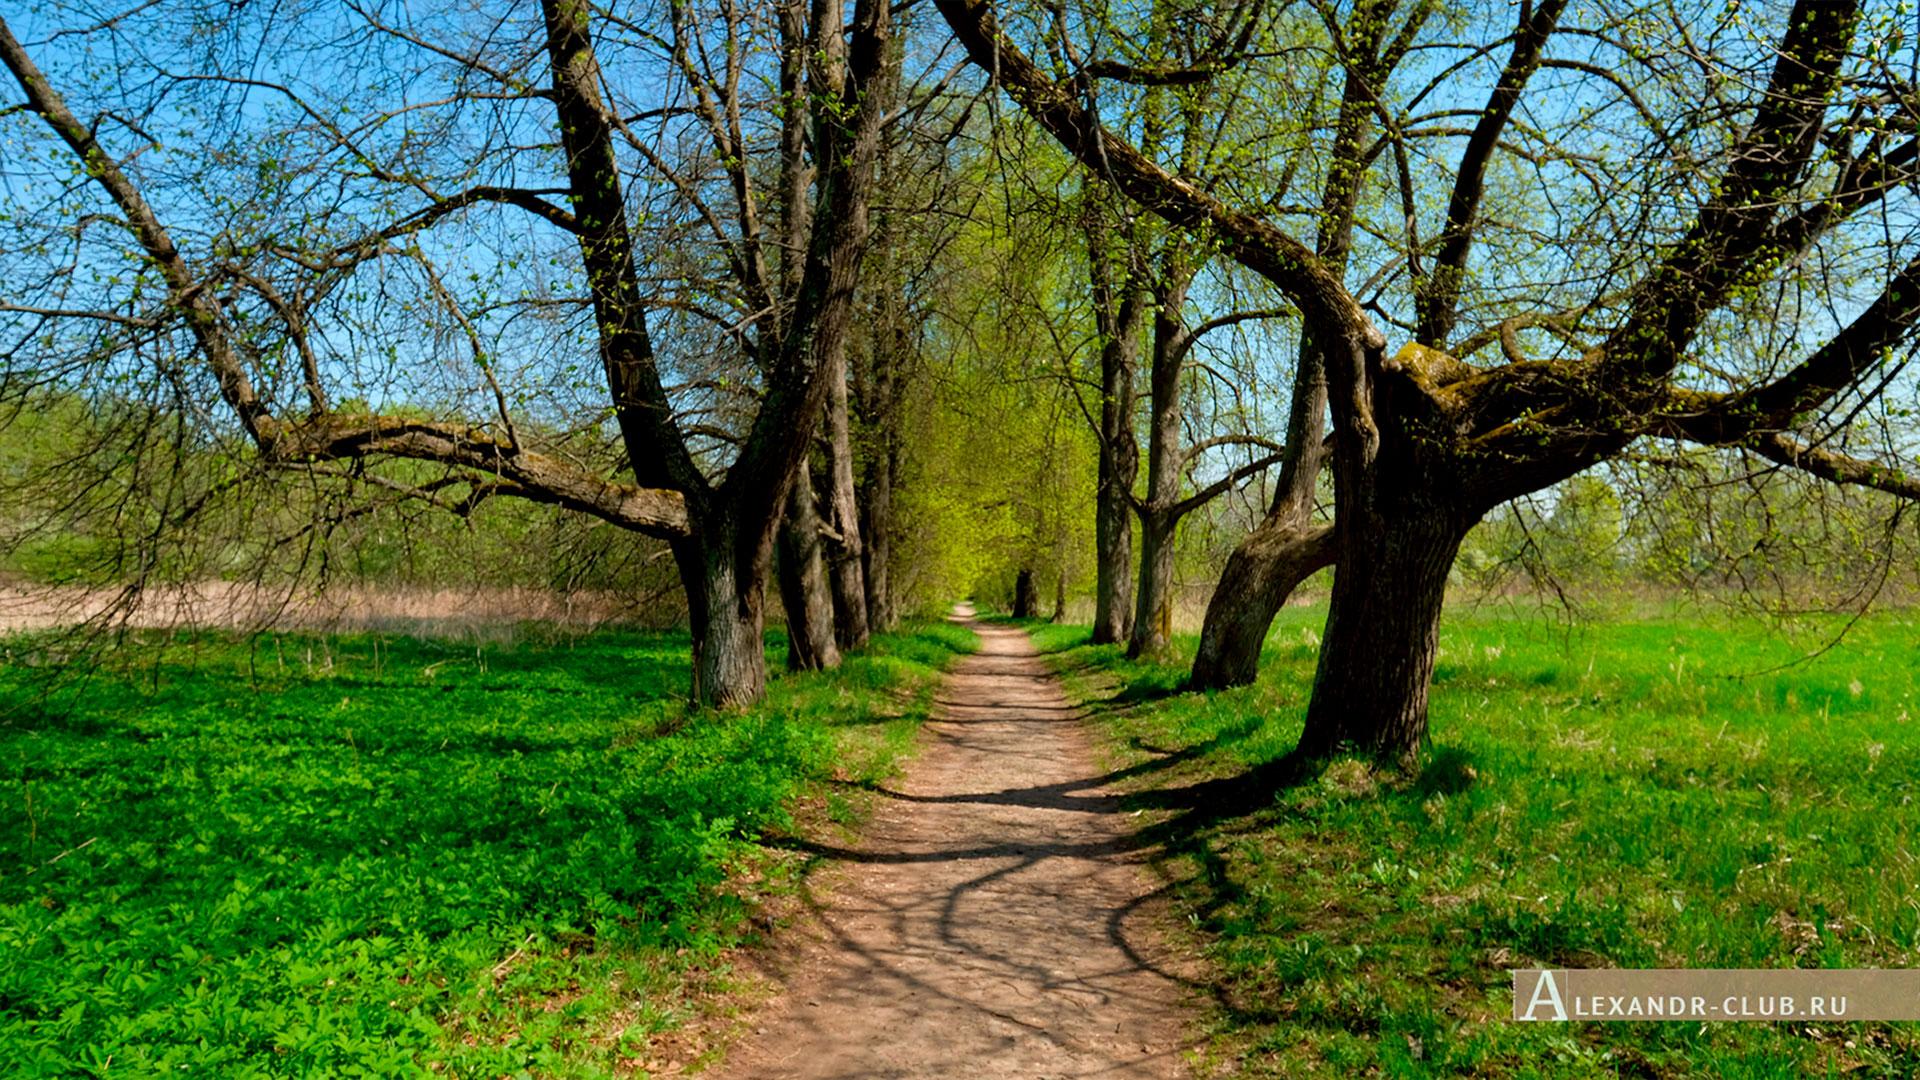 Петергоф, Луговой парк, весна, Липовая аллея